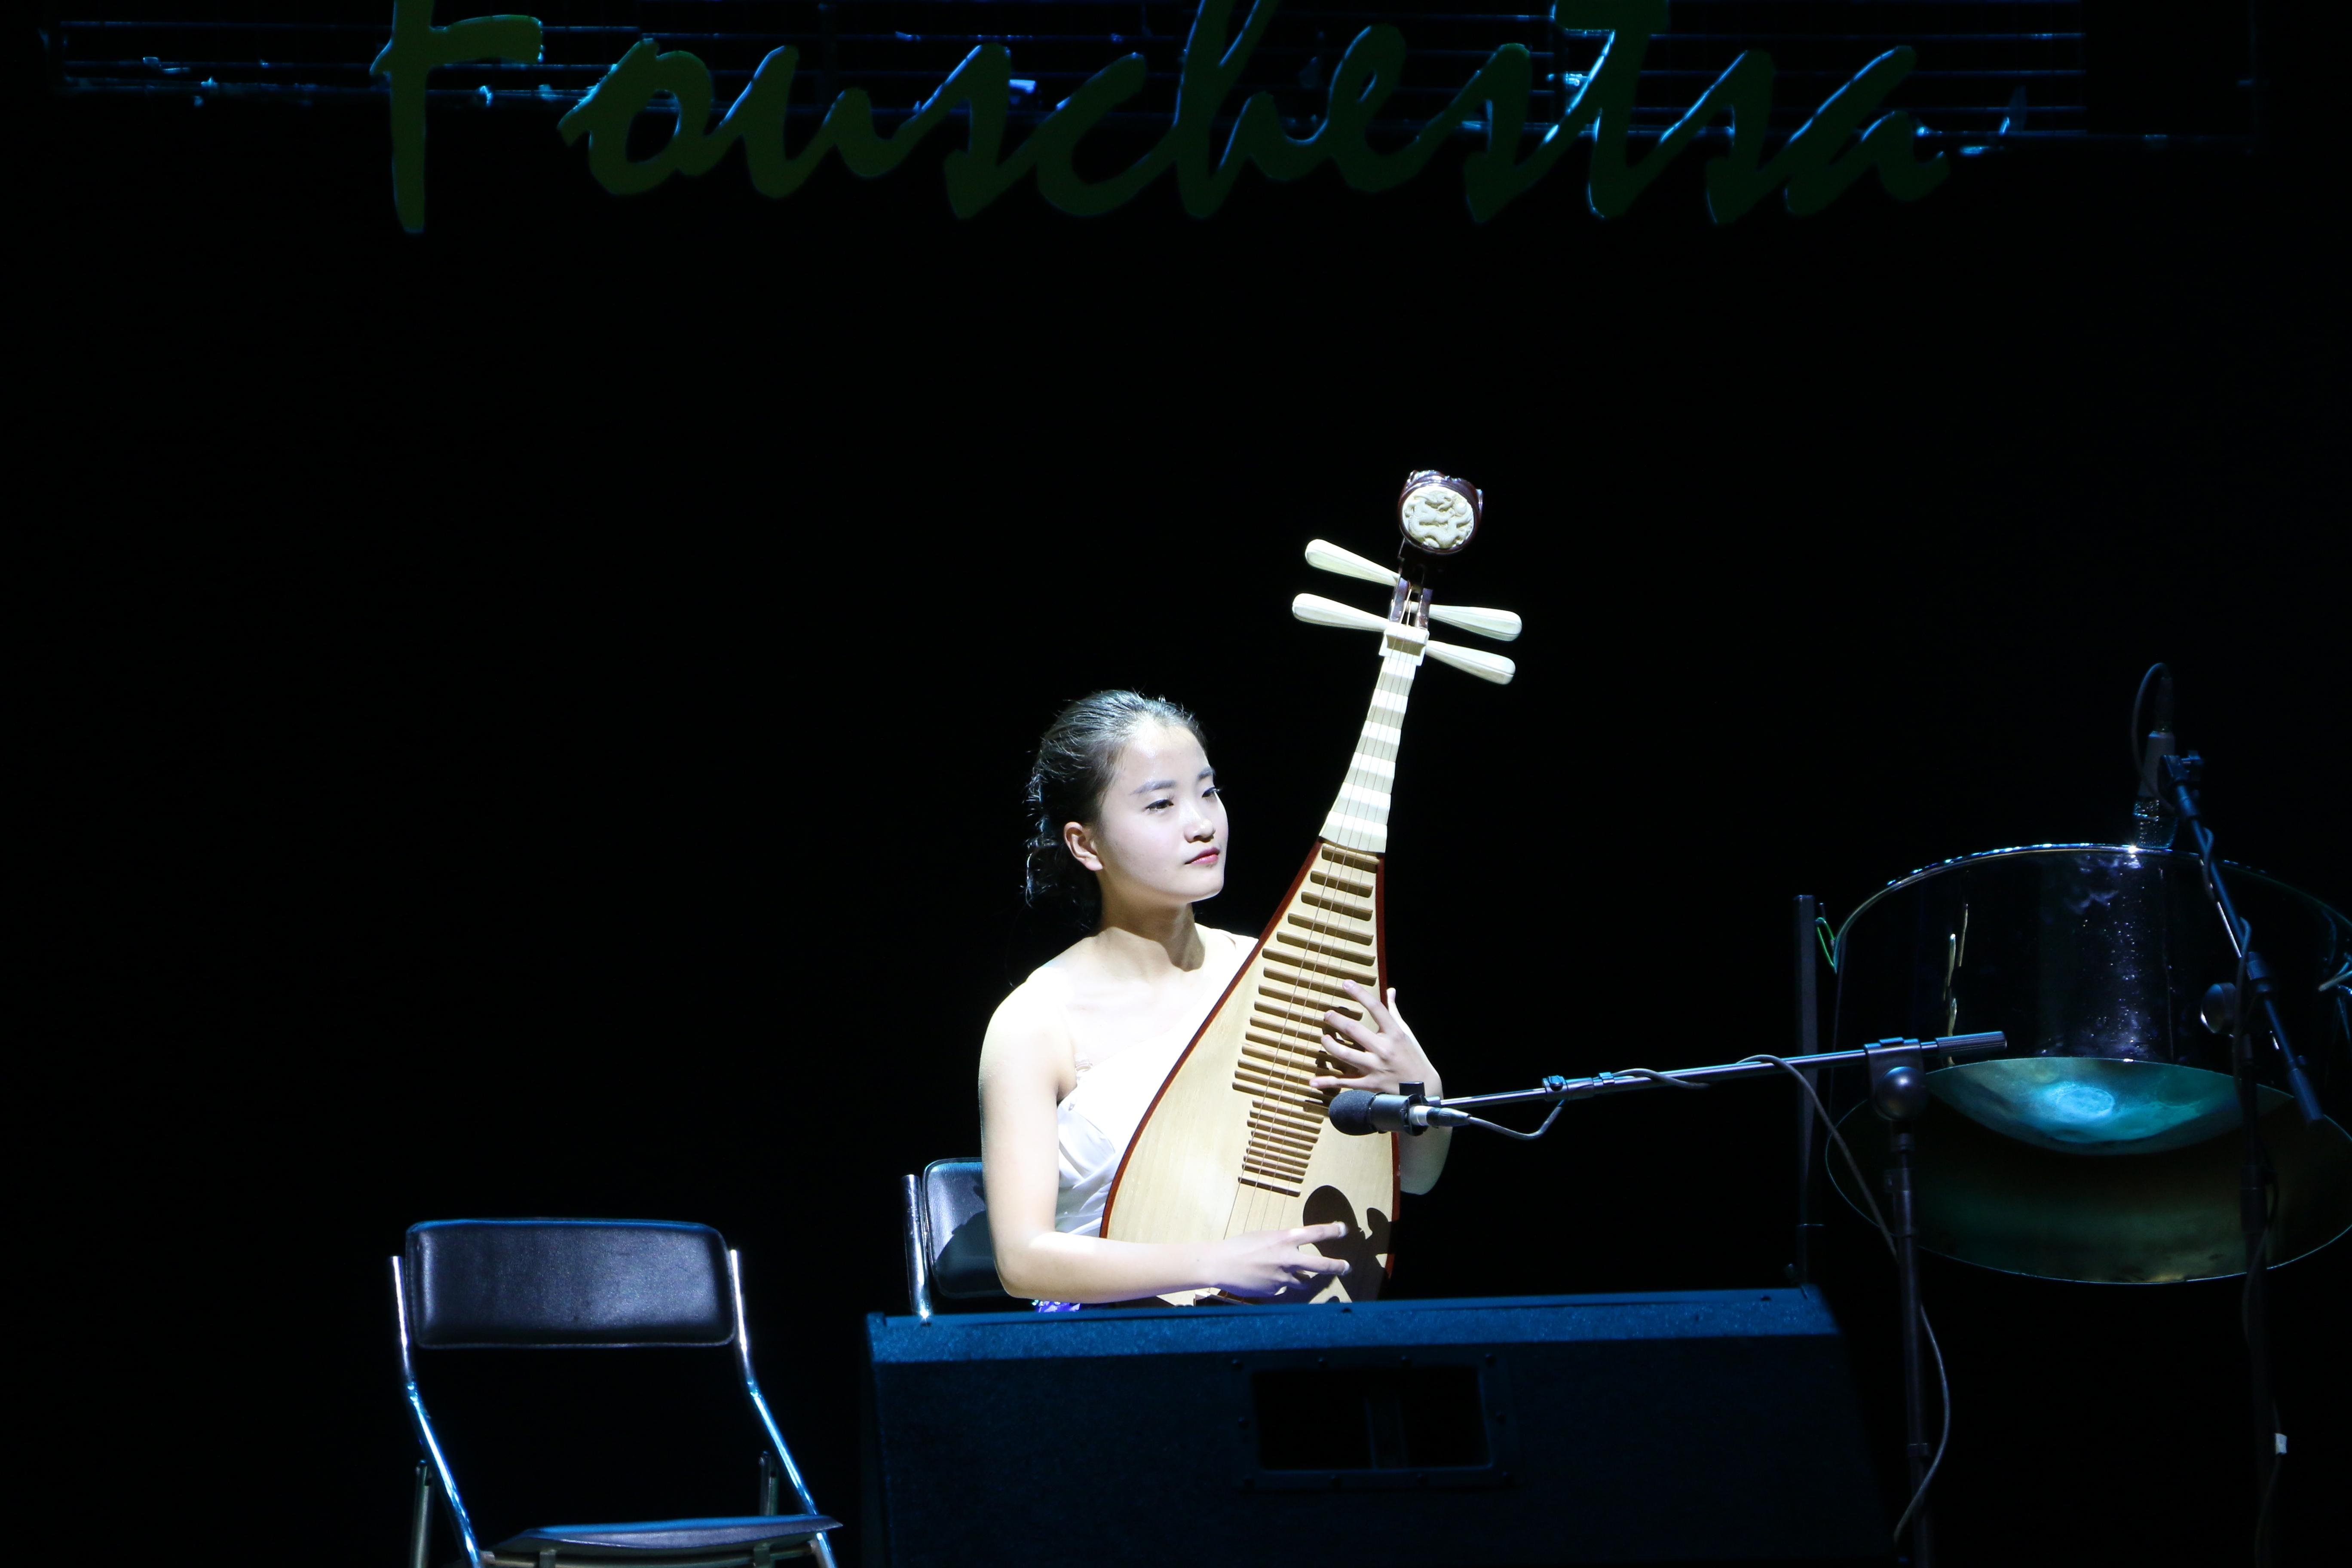 陆珊珊用琵琶弹奏《彝族舞曲》